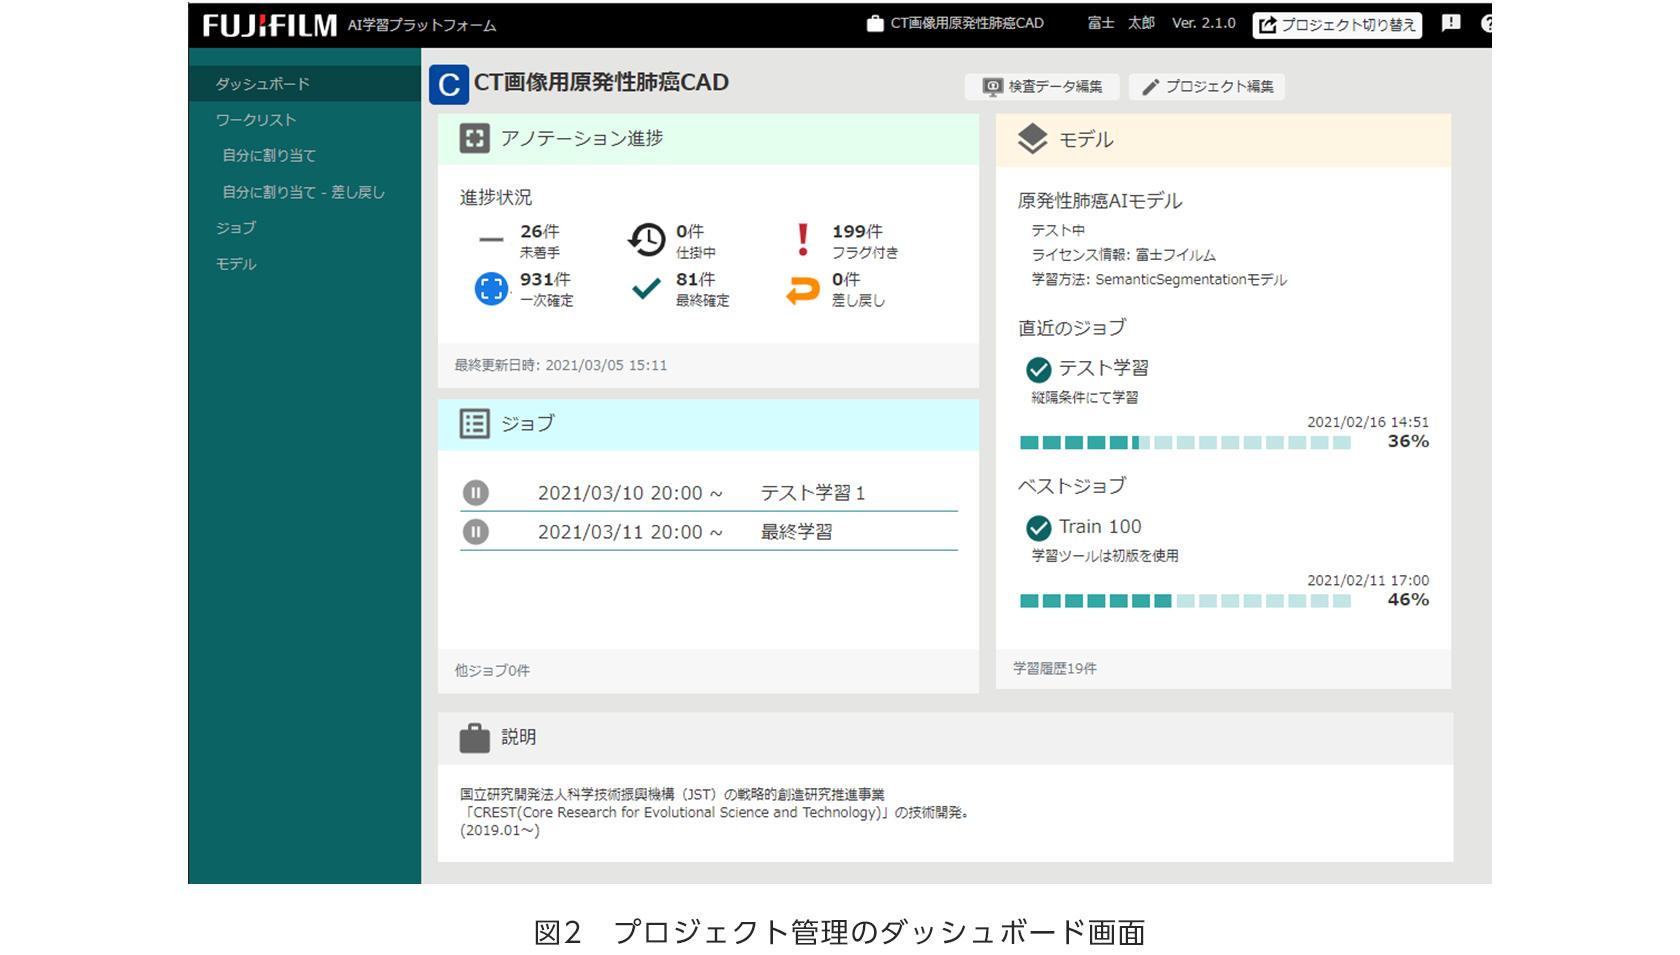 [画像]図2 プロジェクト管理のダッシュボード画面